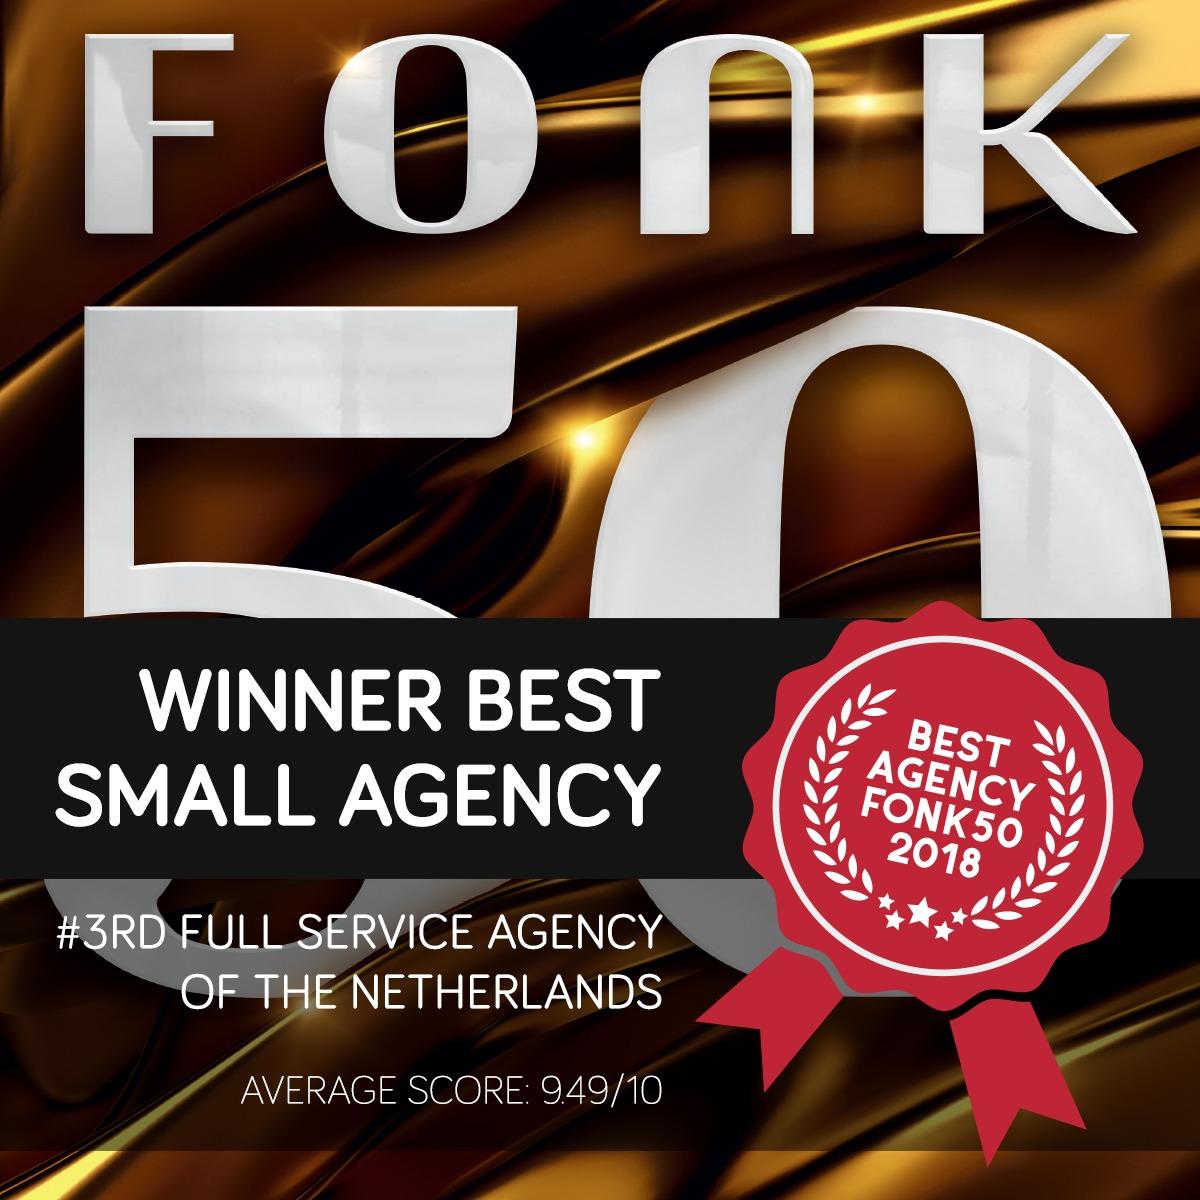 FONK50 2018 Best Agencies Vertigo 6 marketing PR Benelux Netherlands Nordics